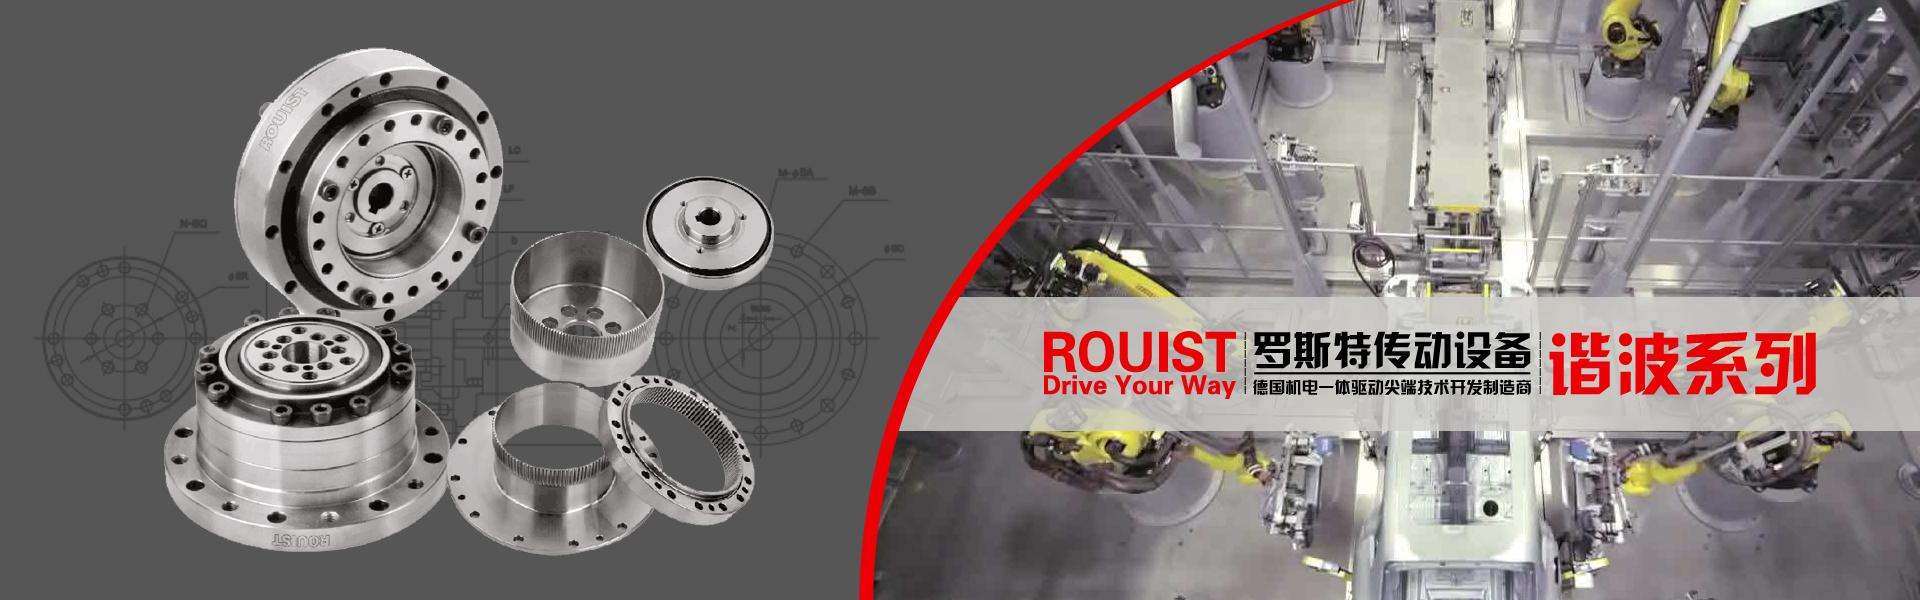 羅斯特傳動設備有限公司研發的新一代精密行星減速器和諧波減速器,具有精度高、扭轉剛度高、可靠性高、噪音低、長壽命、免維護等特色。